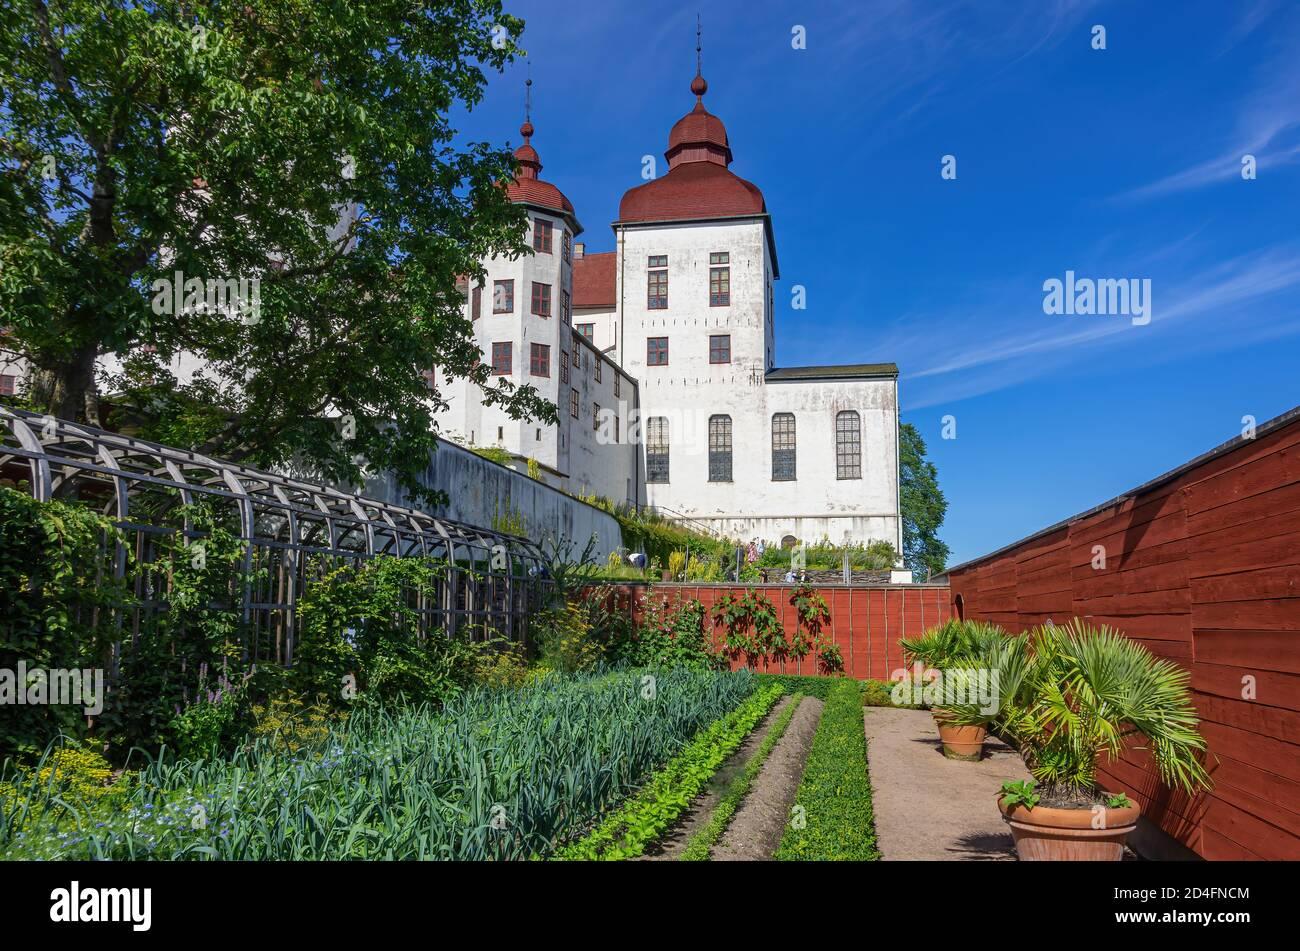 View of historic garden and Baroque Läckö Castle on Kållandsö in Lake Vänern in Västergötland, Sweden. Stock Photo